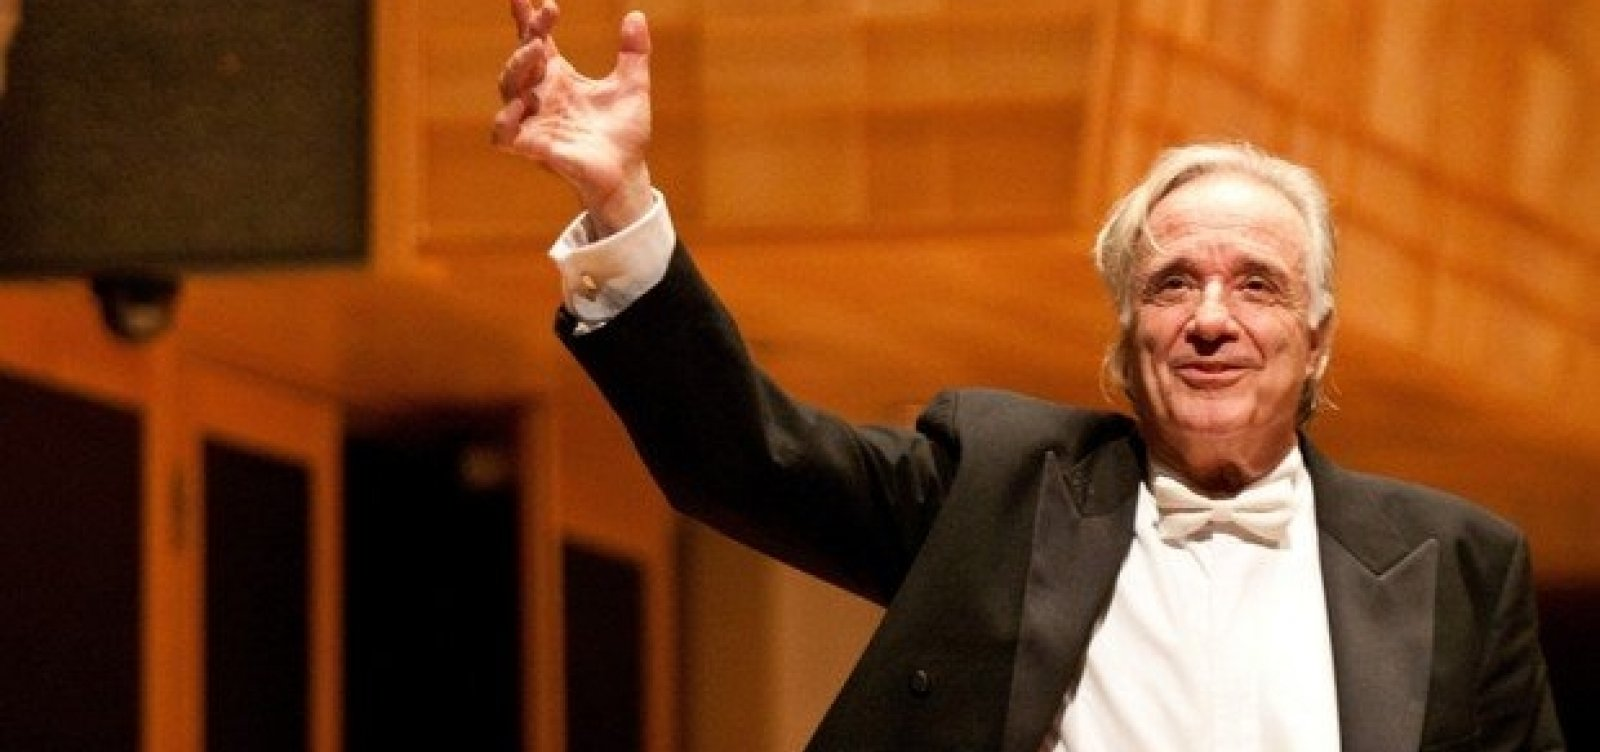 [Aos 79, maestro João Carlos Martins lança livro: 'Cada vez mais empolgado']